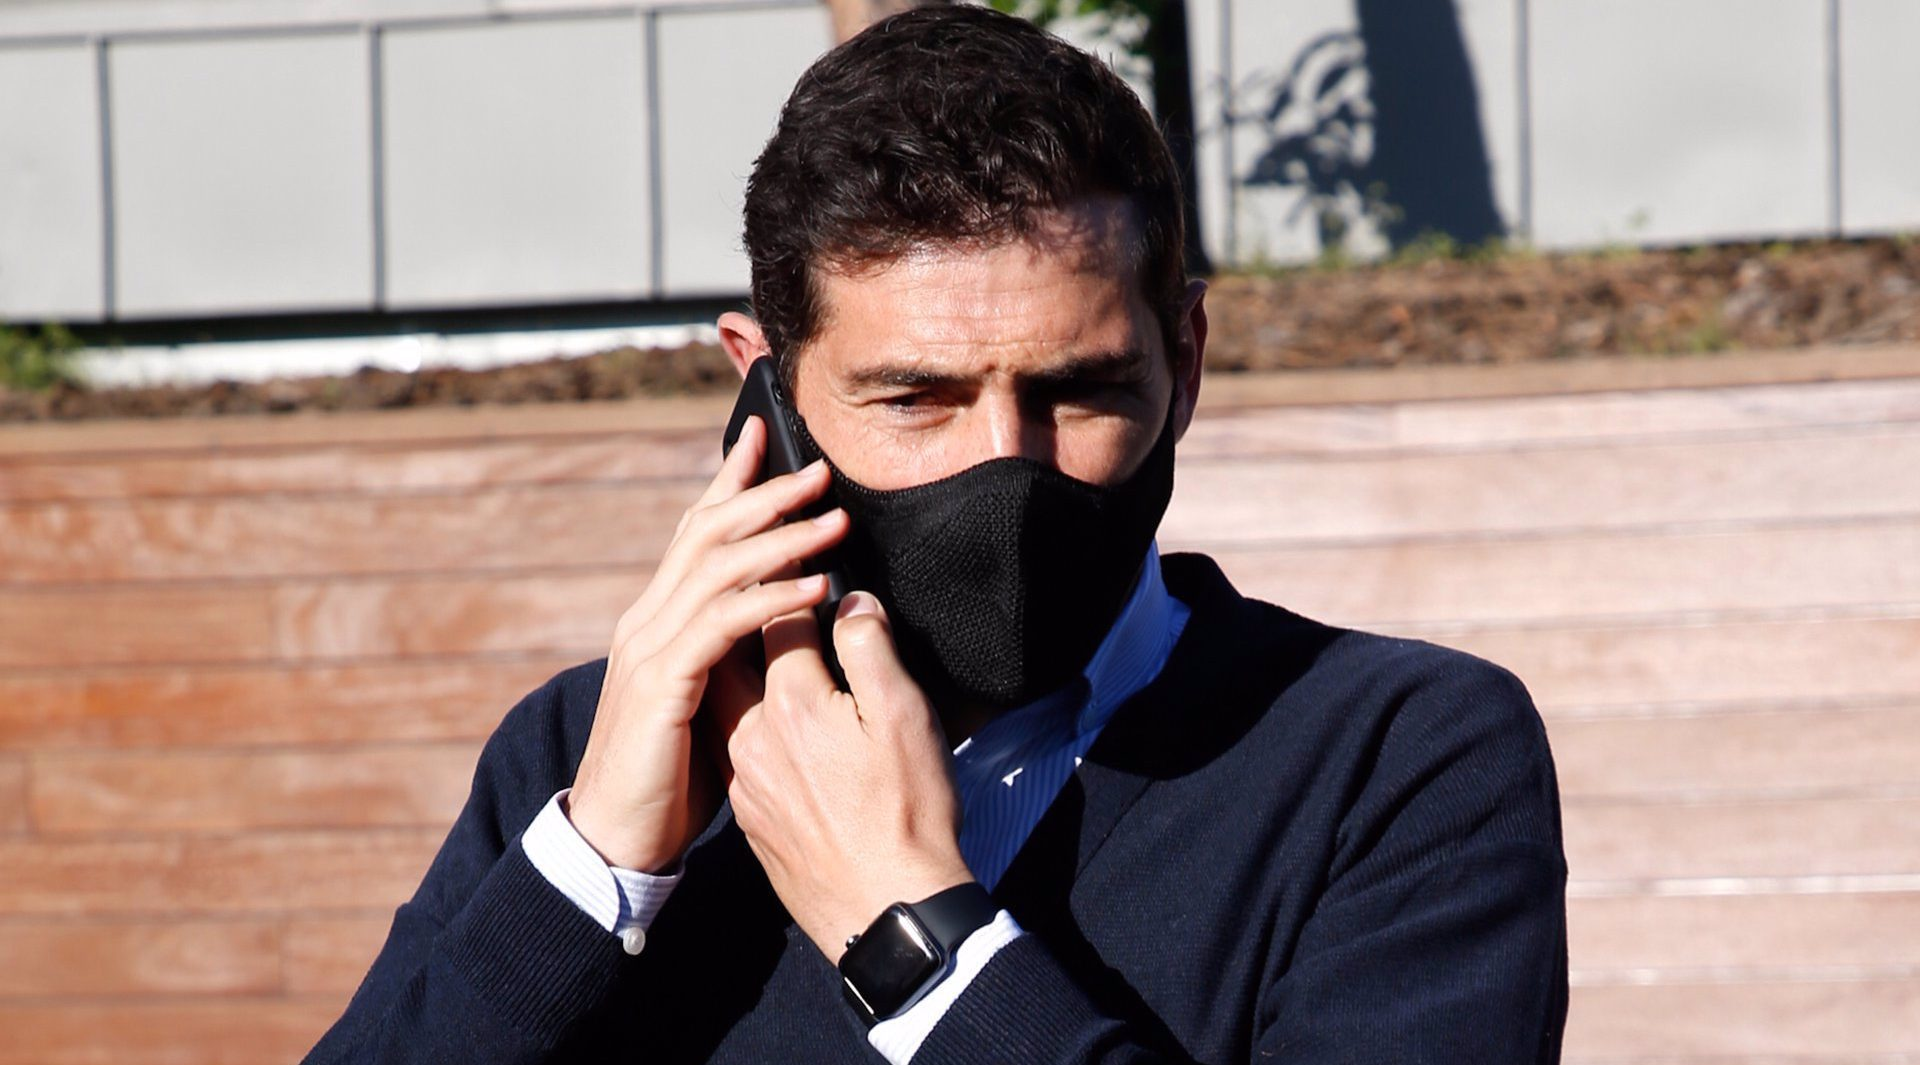 Iker Casillas reapareix després d'haver d'acudir a urgències - Europa Press